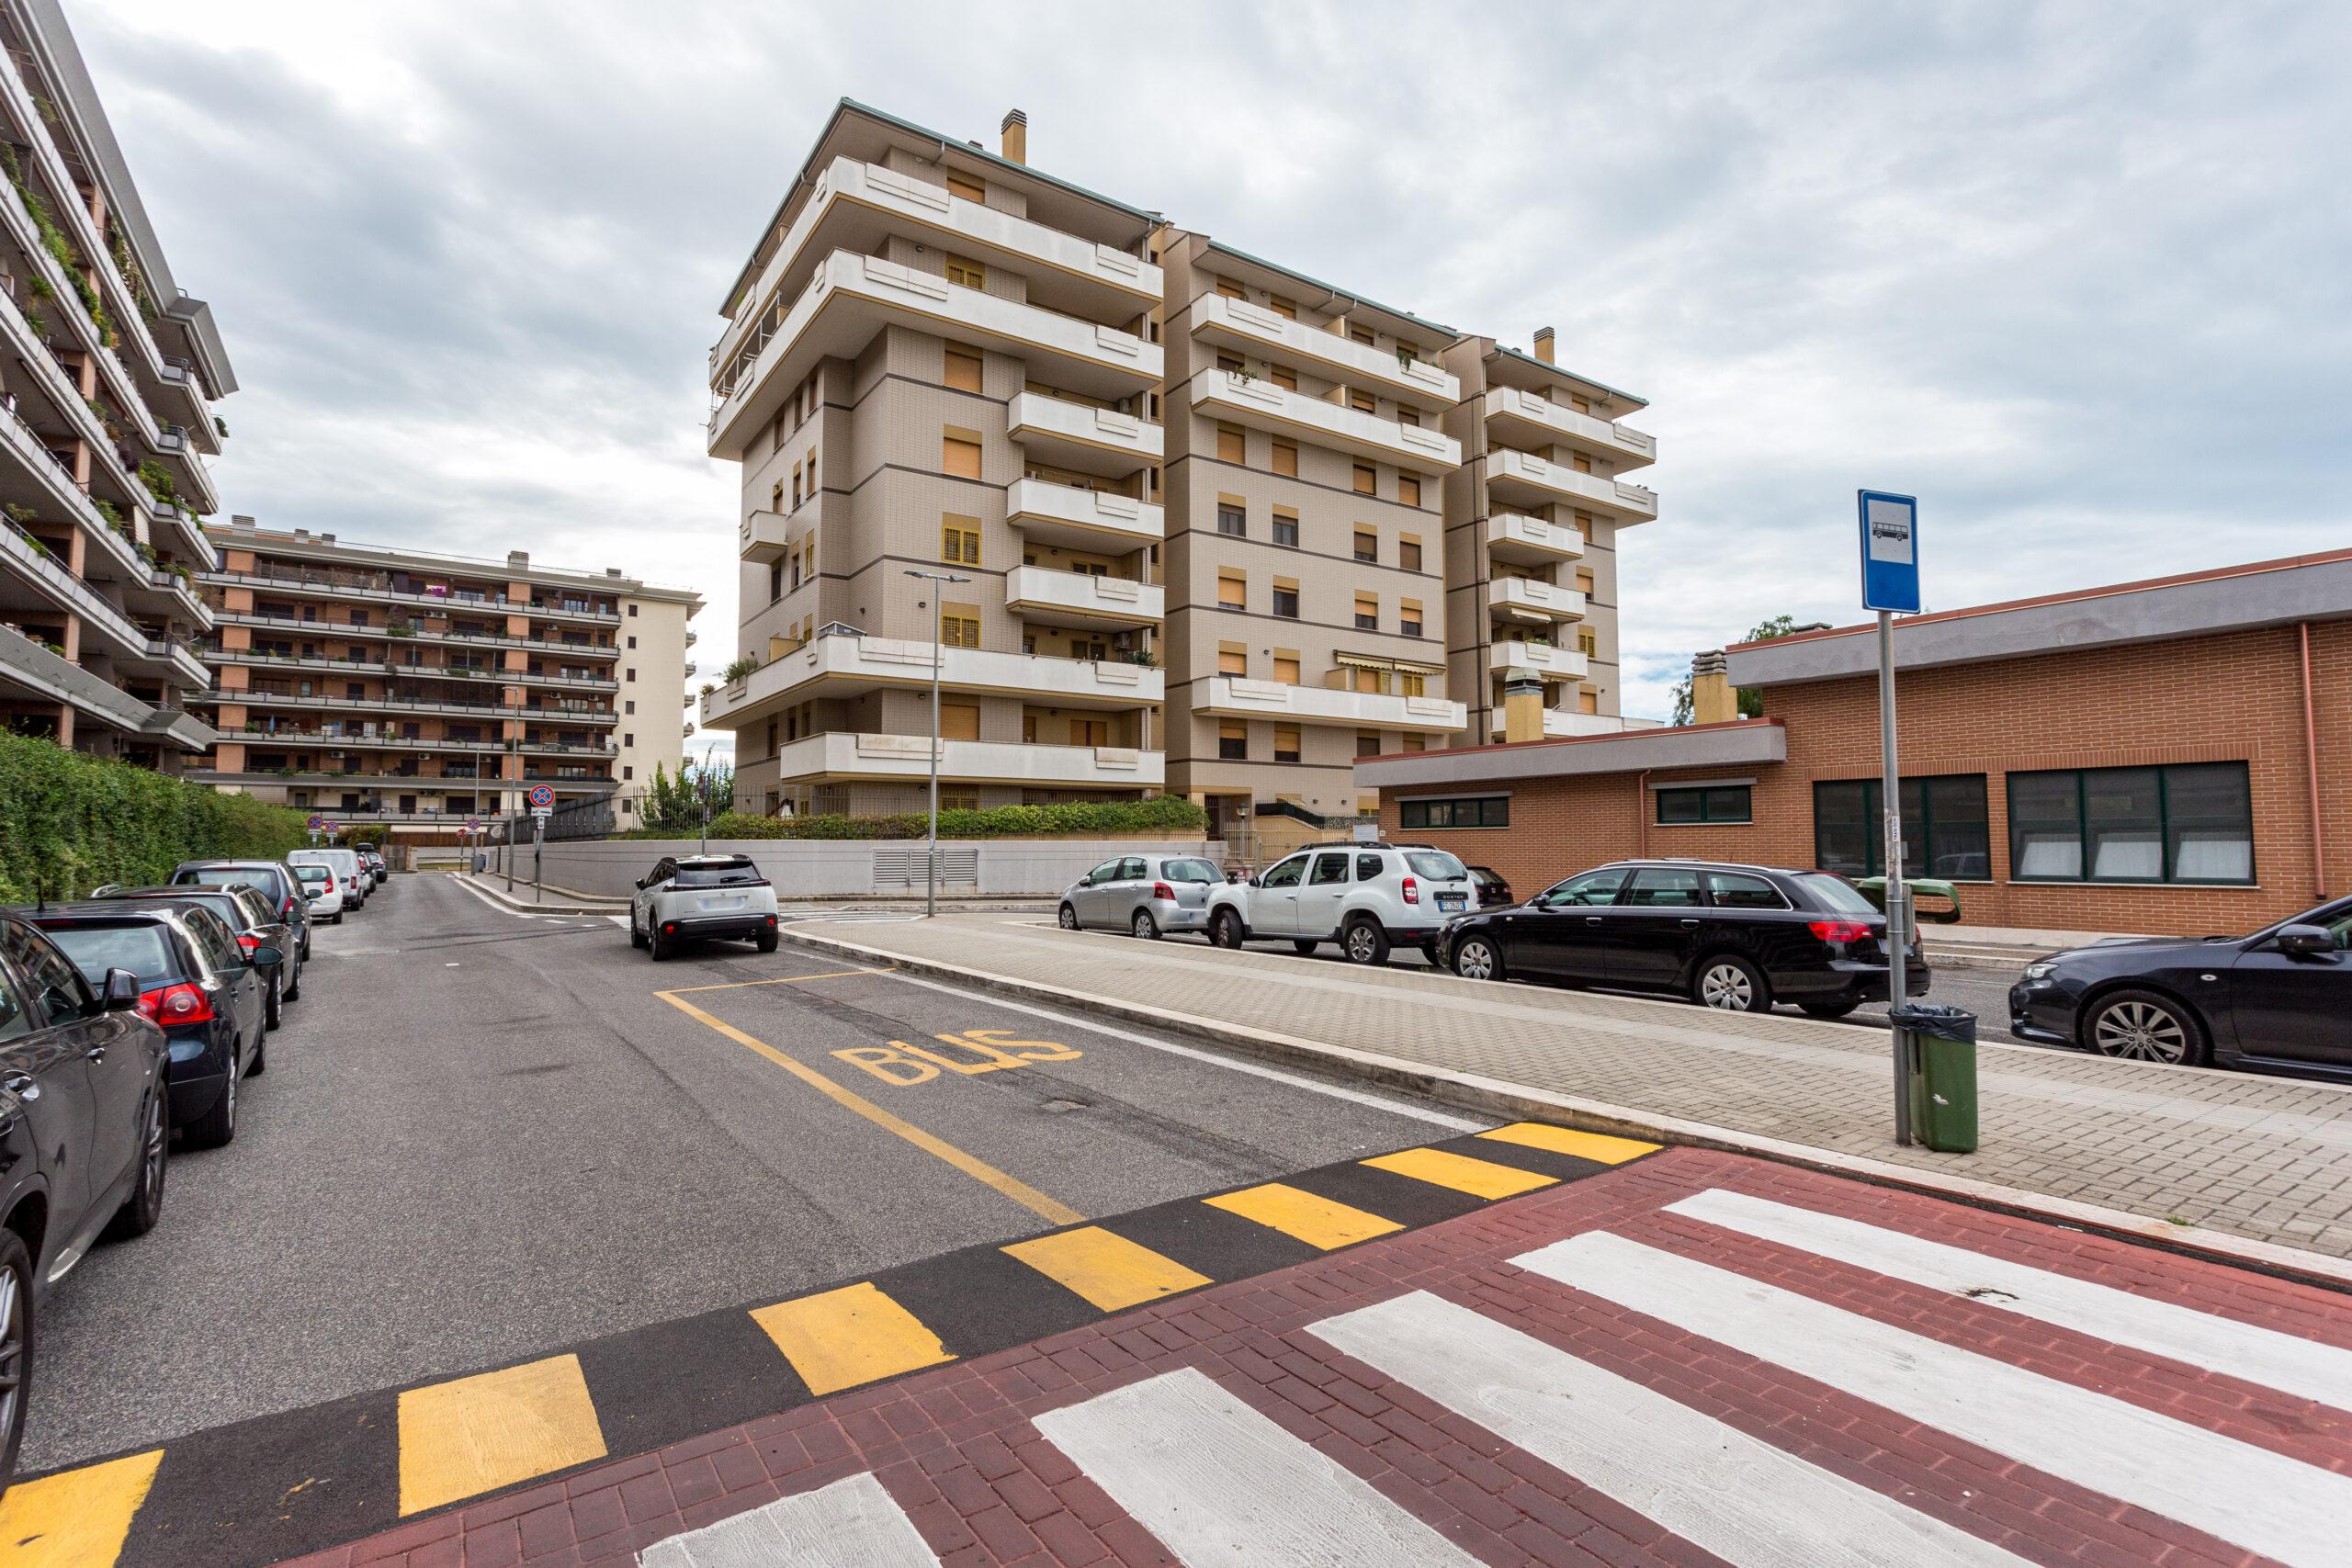 Fiumicino, Parco Leonardo – Bilocale con terrazzo, posto auto e cantina